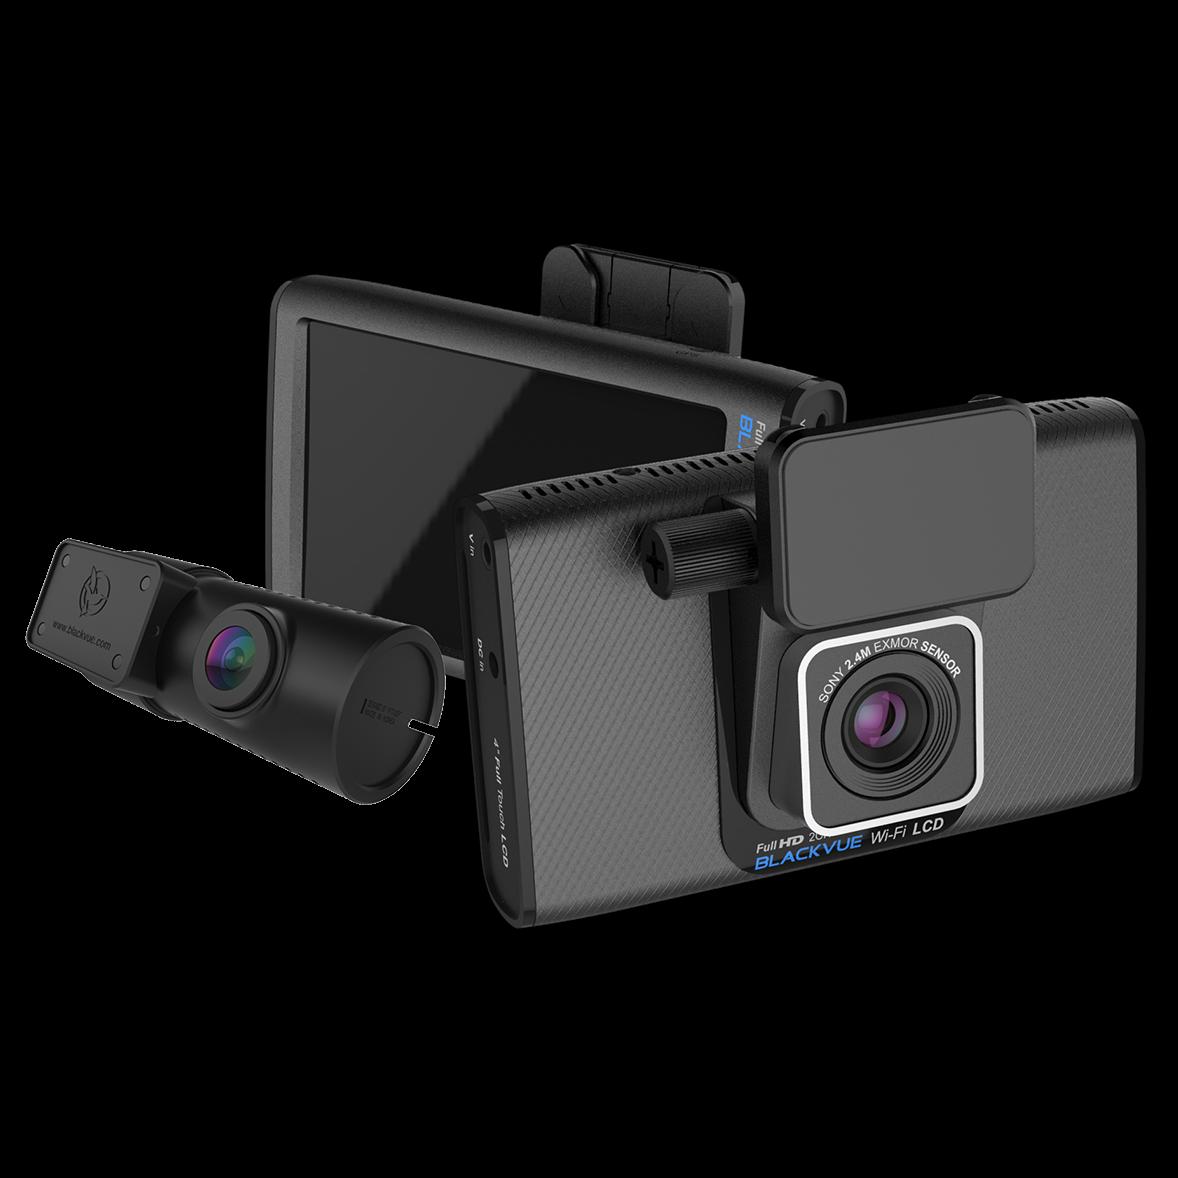 Видеорегистраторы с возможностью редактировать видеорегистраторы для авто в новосибирске